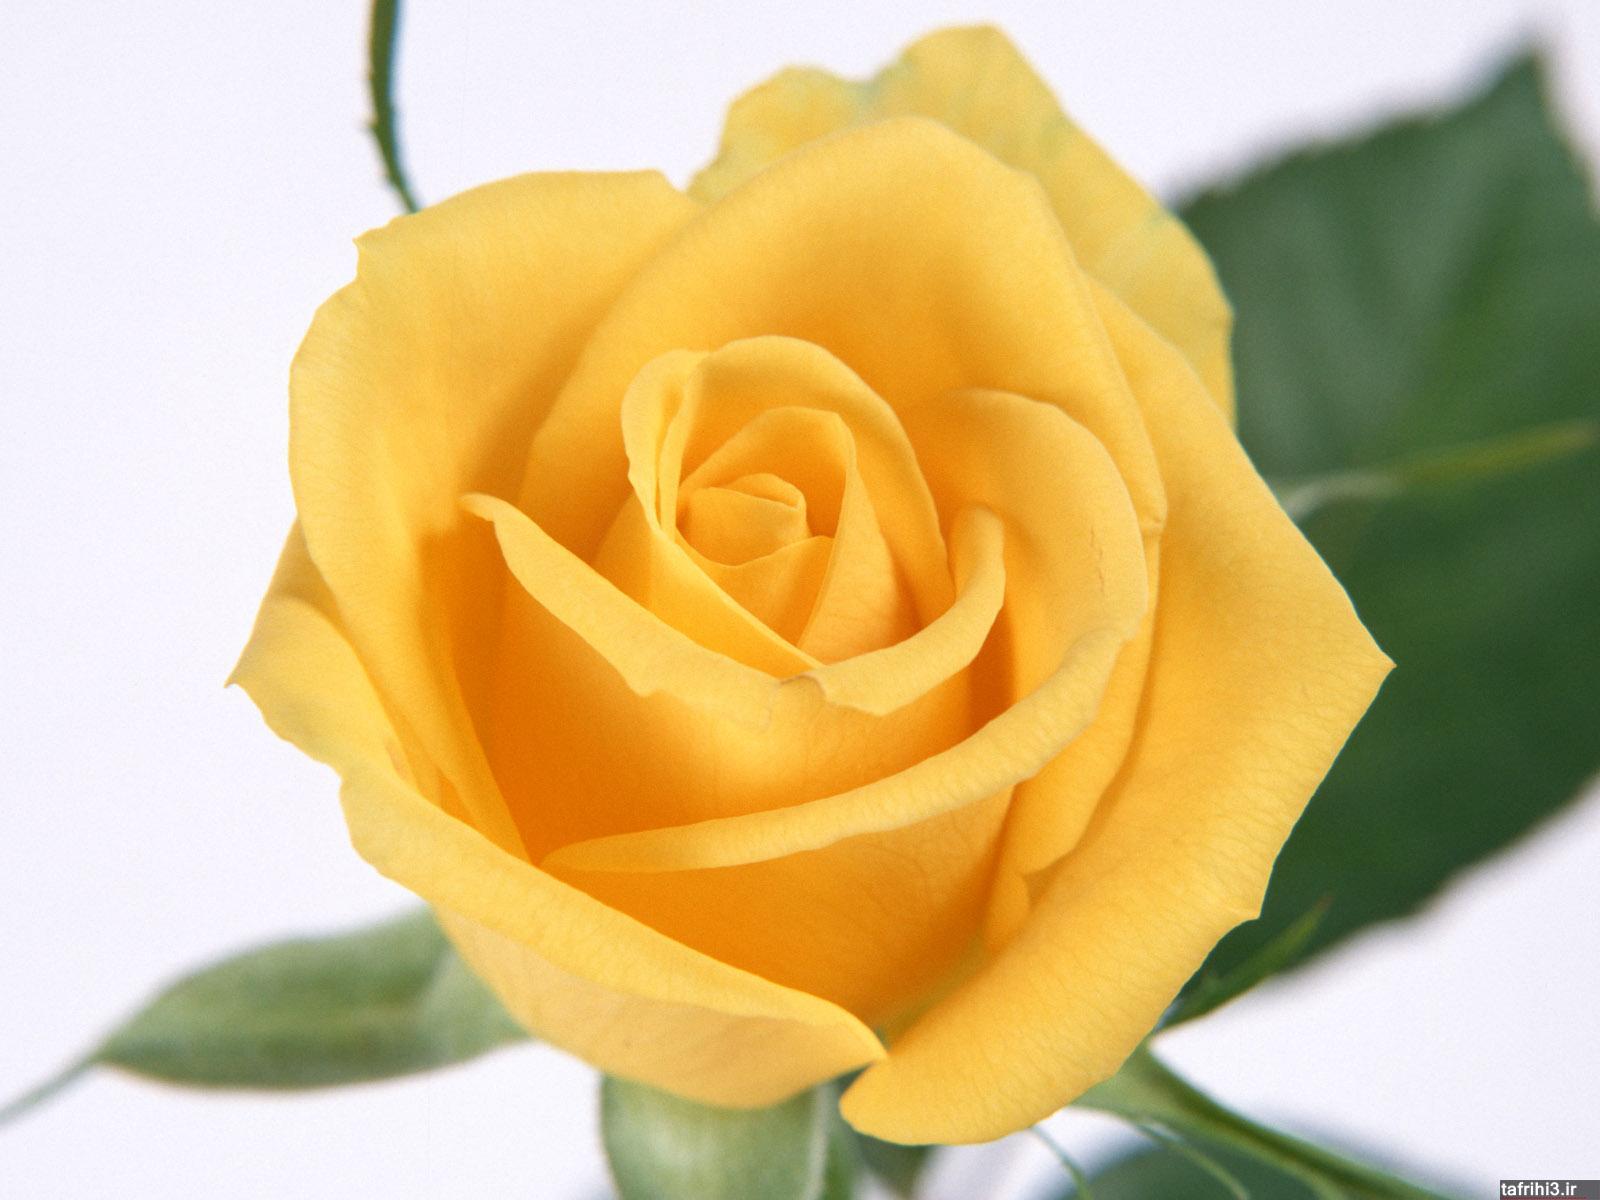 عکس با کیفیت از گل های رز